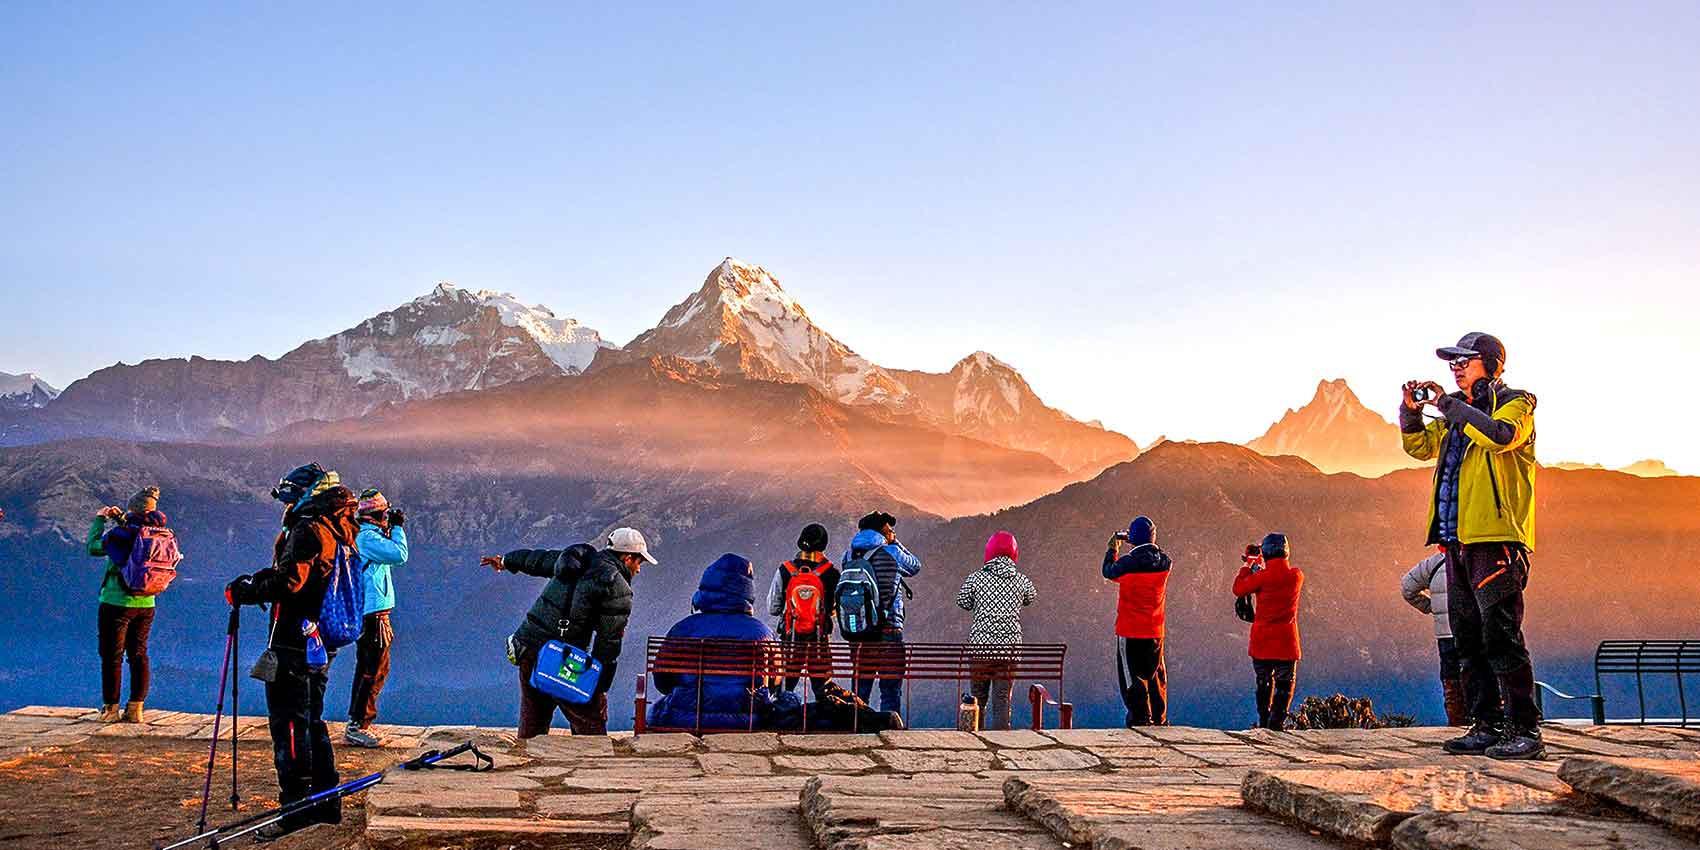 पर्यटक वृद्धिदरमा नेपाल एसियामै पहिलो